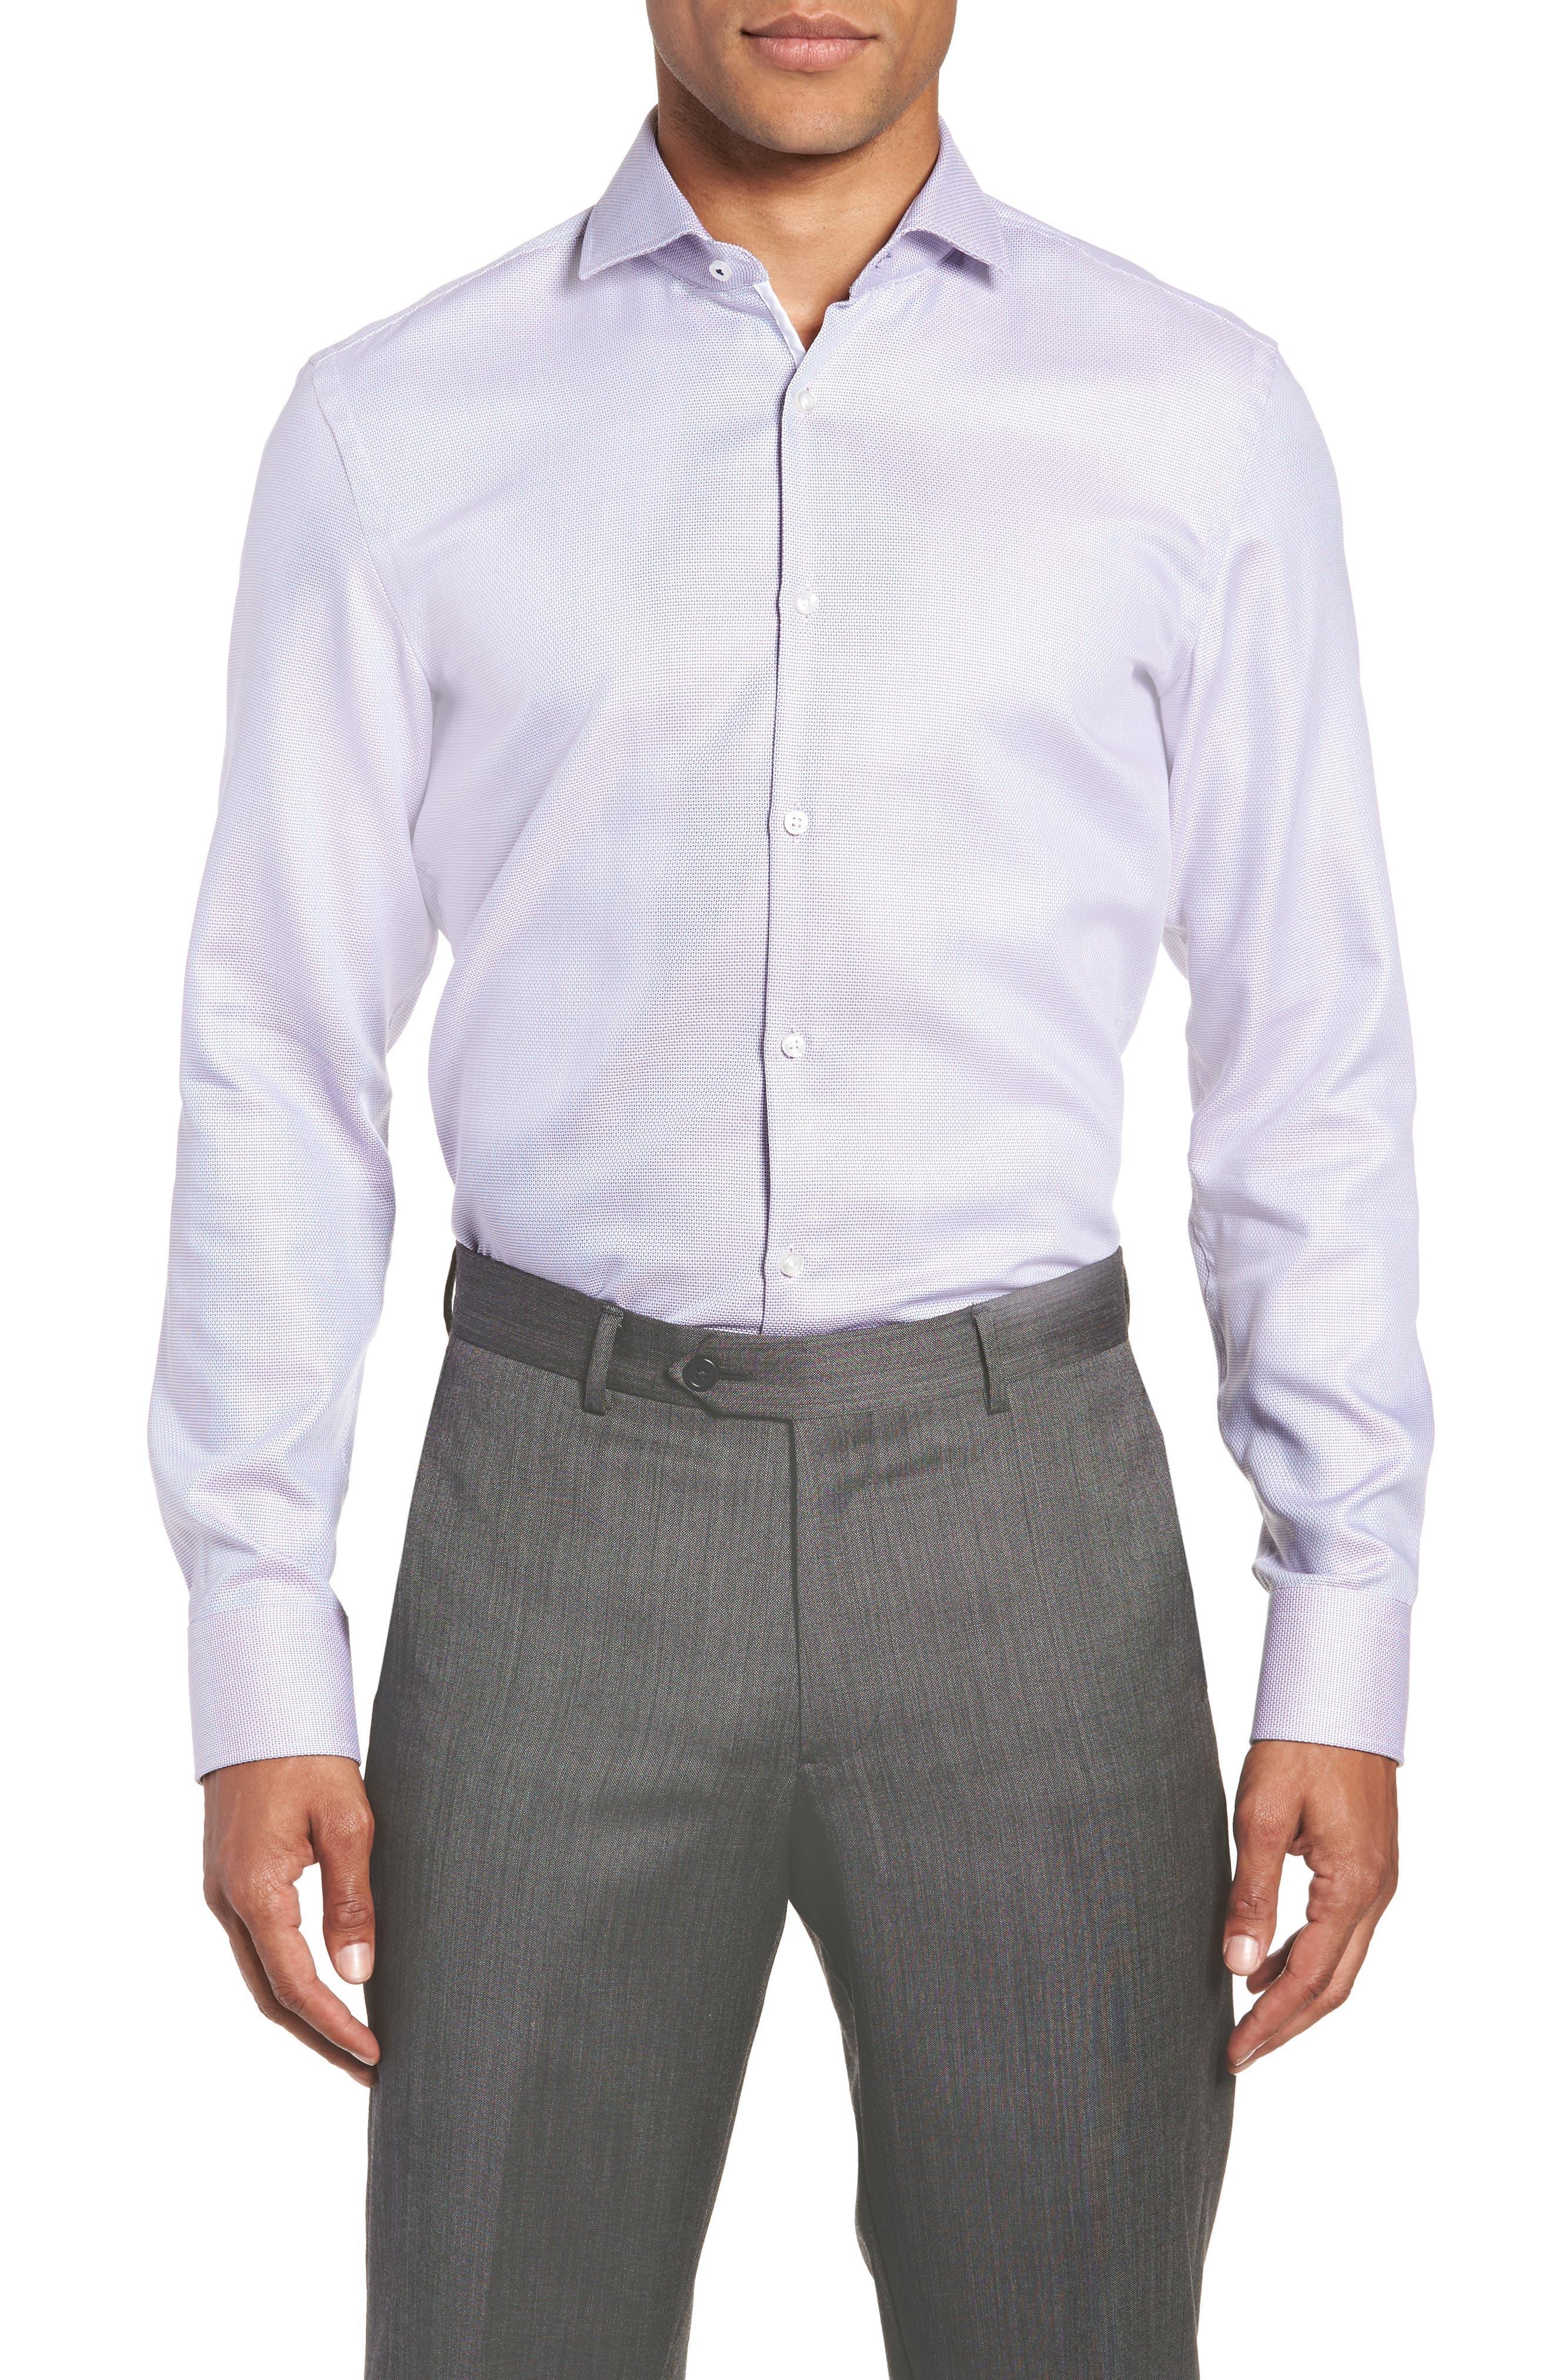 x Nordstrom Jerrin Slim Fit Solid Dress Shirt,                         Main,                         color, LAVENDER